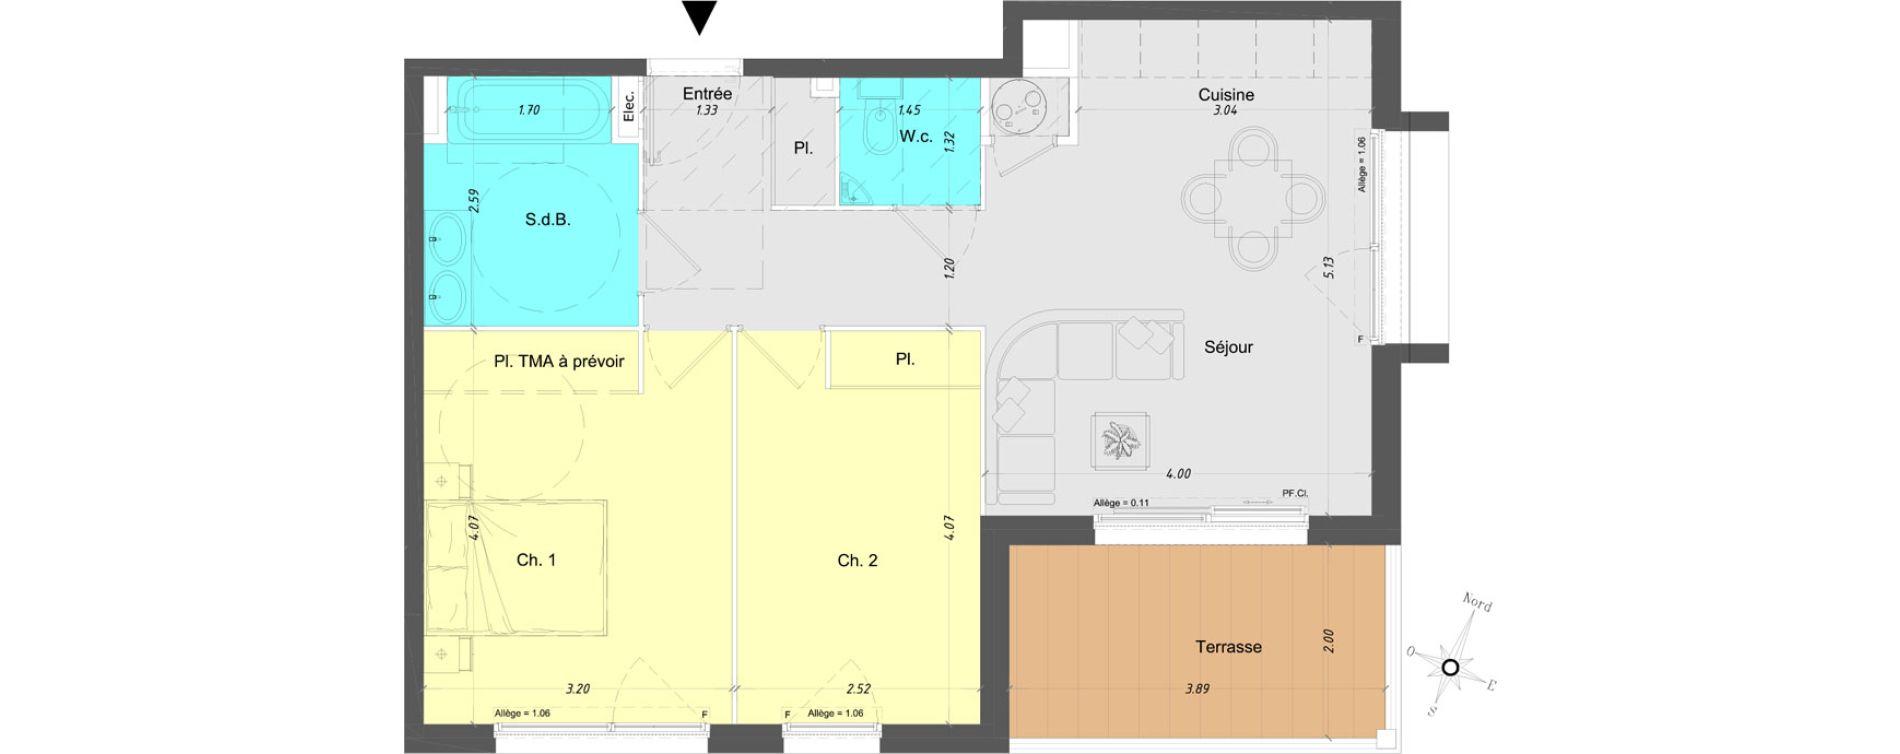 Appartement T3 de 57,50 m2 à Vence Centre